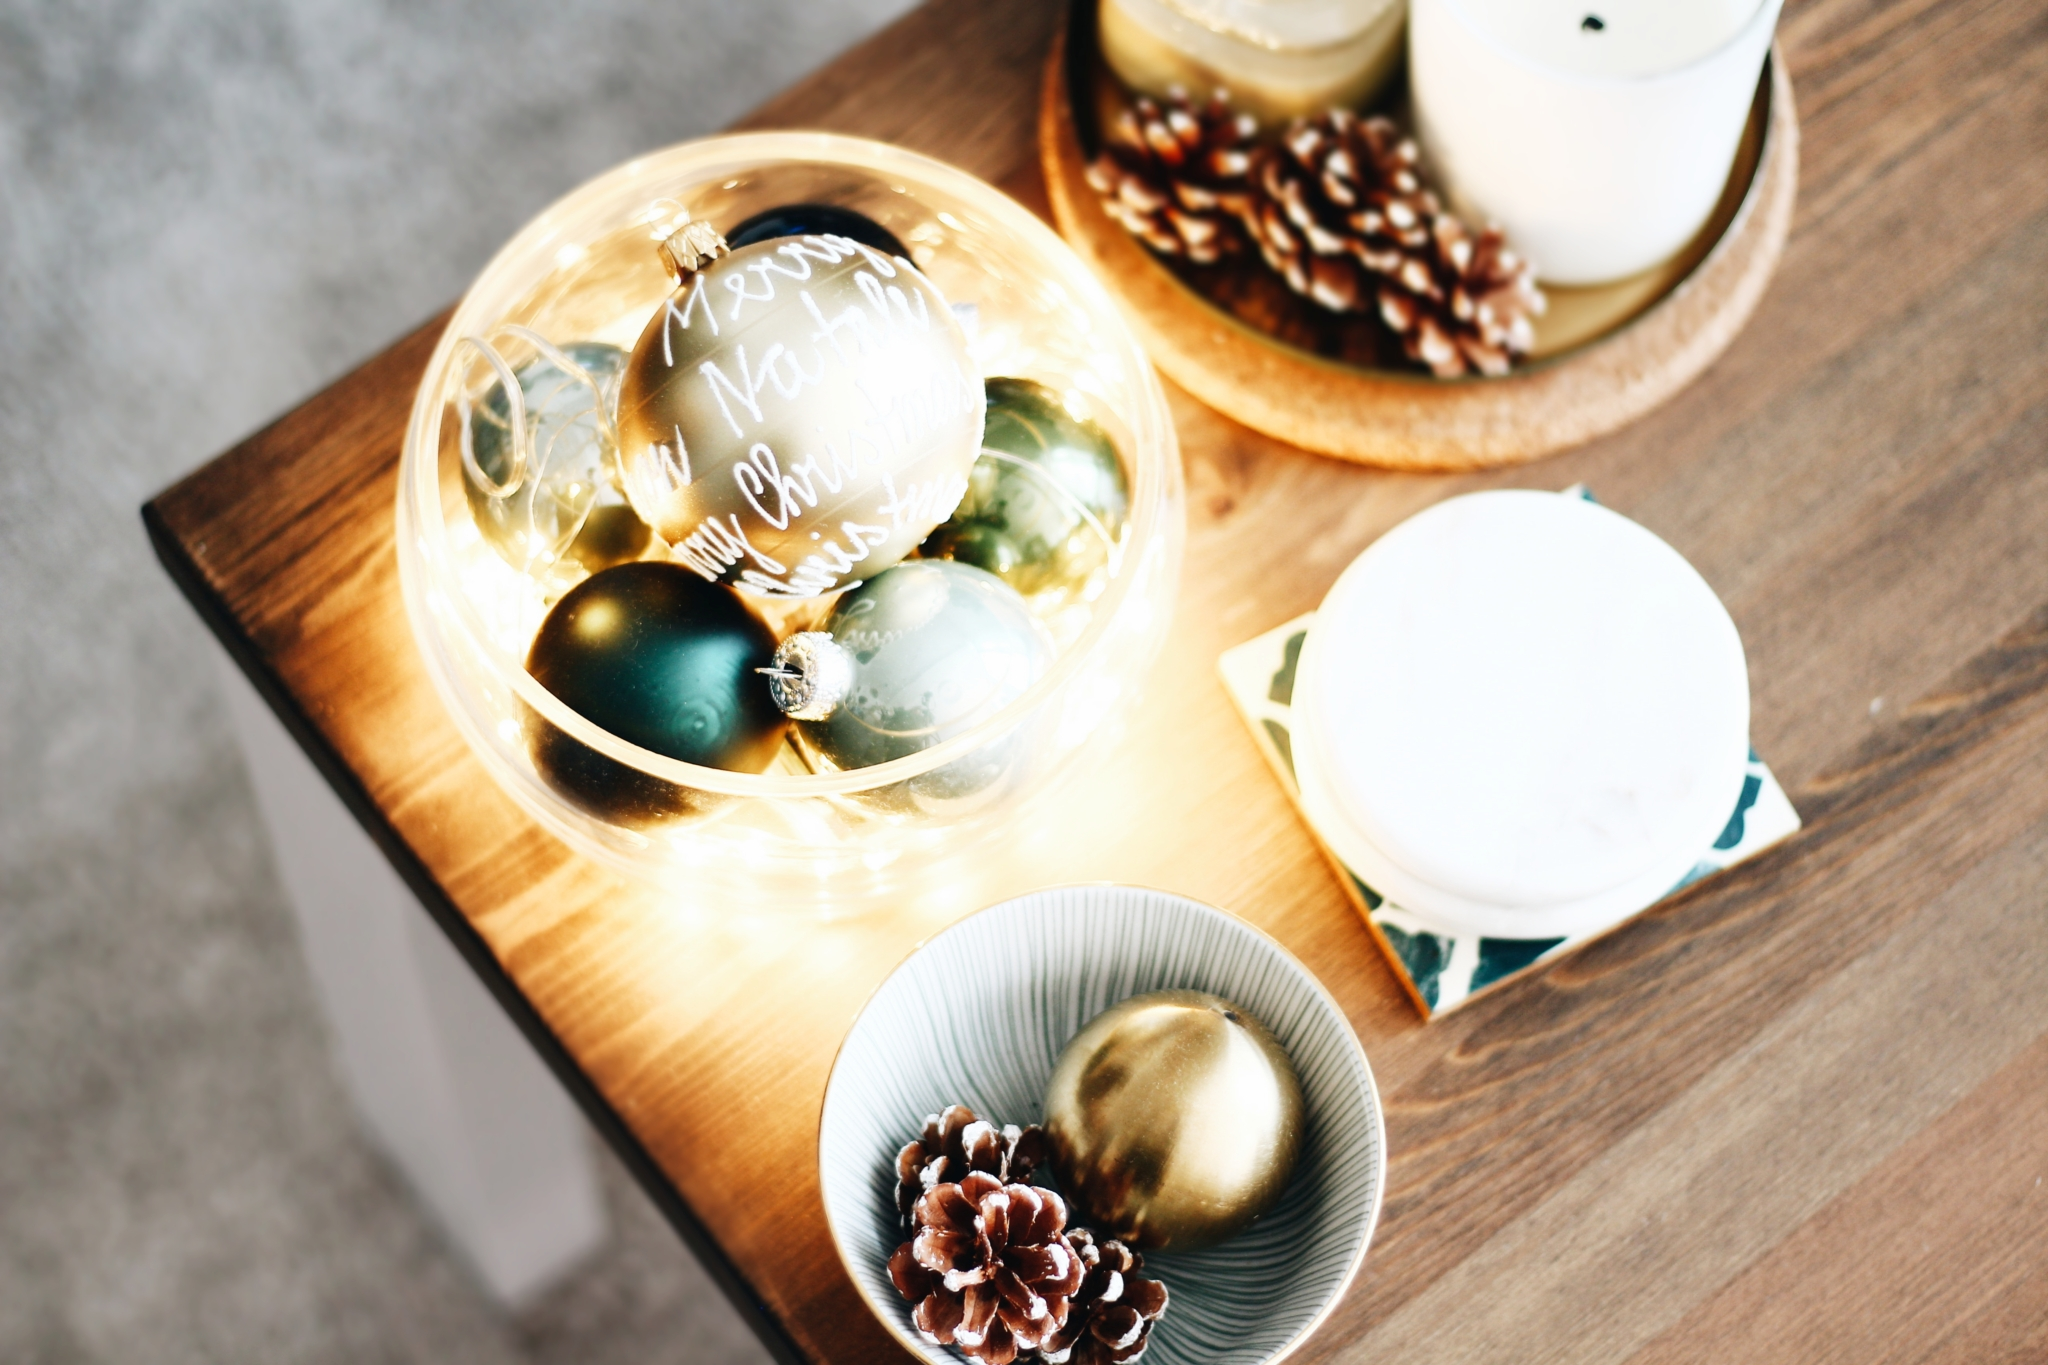 Lichterketten integrieren - 5 Tipps & Ideen für die eigene Weihnachtsdekoration - Lifestyle Blog Leipzig